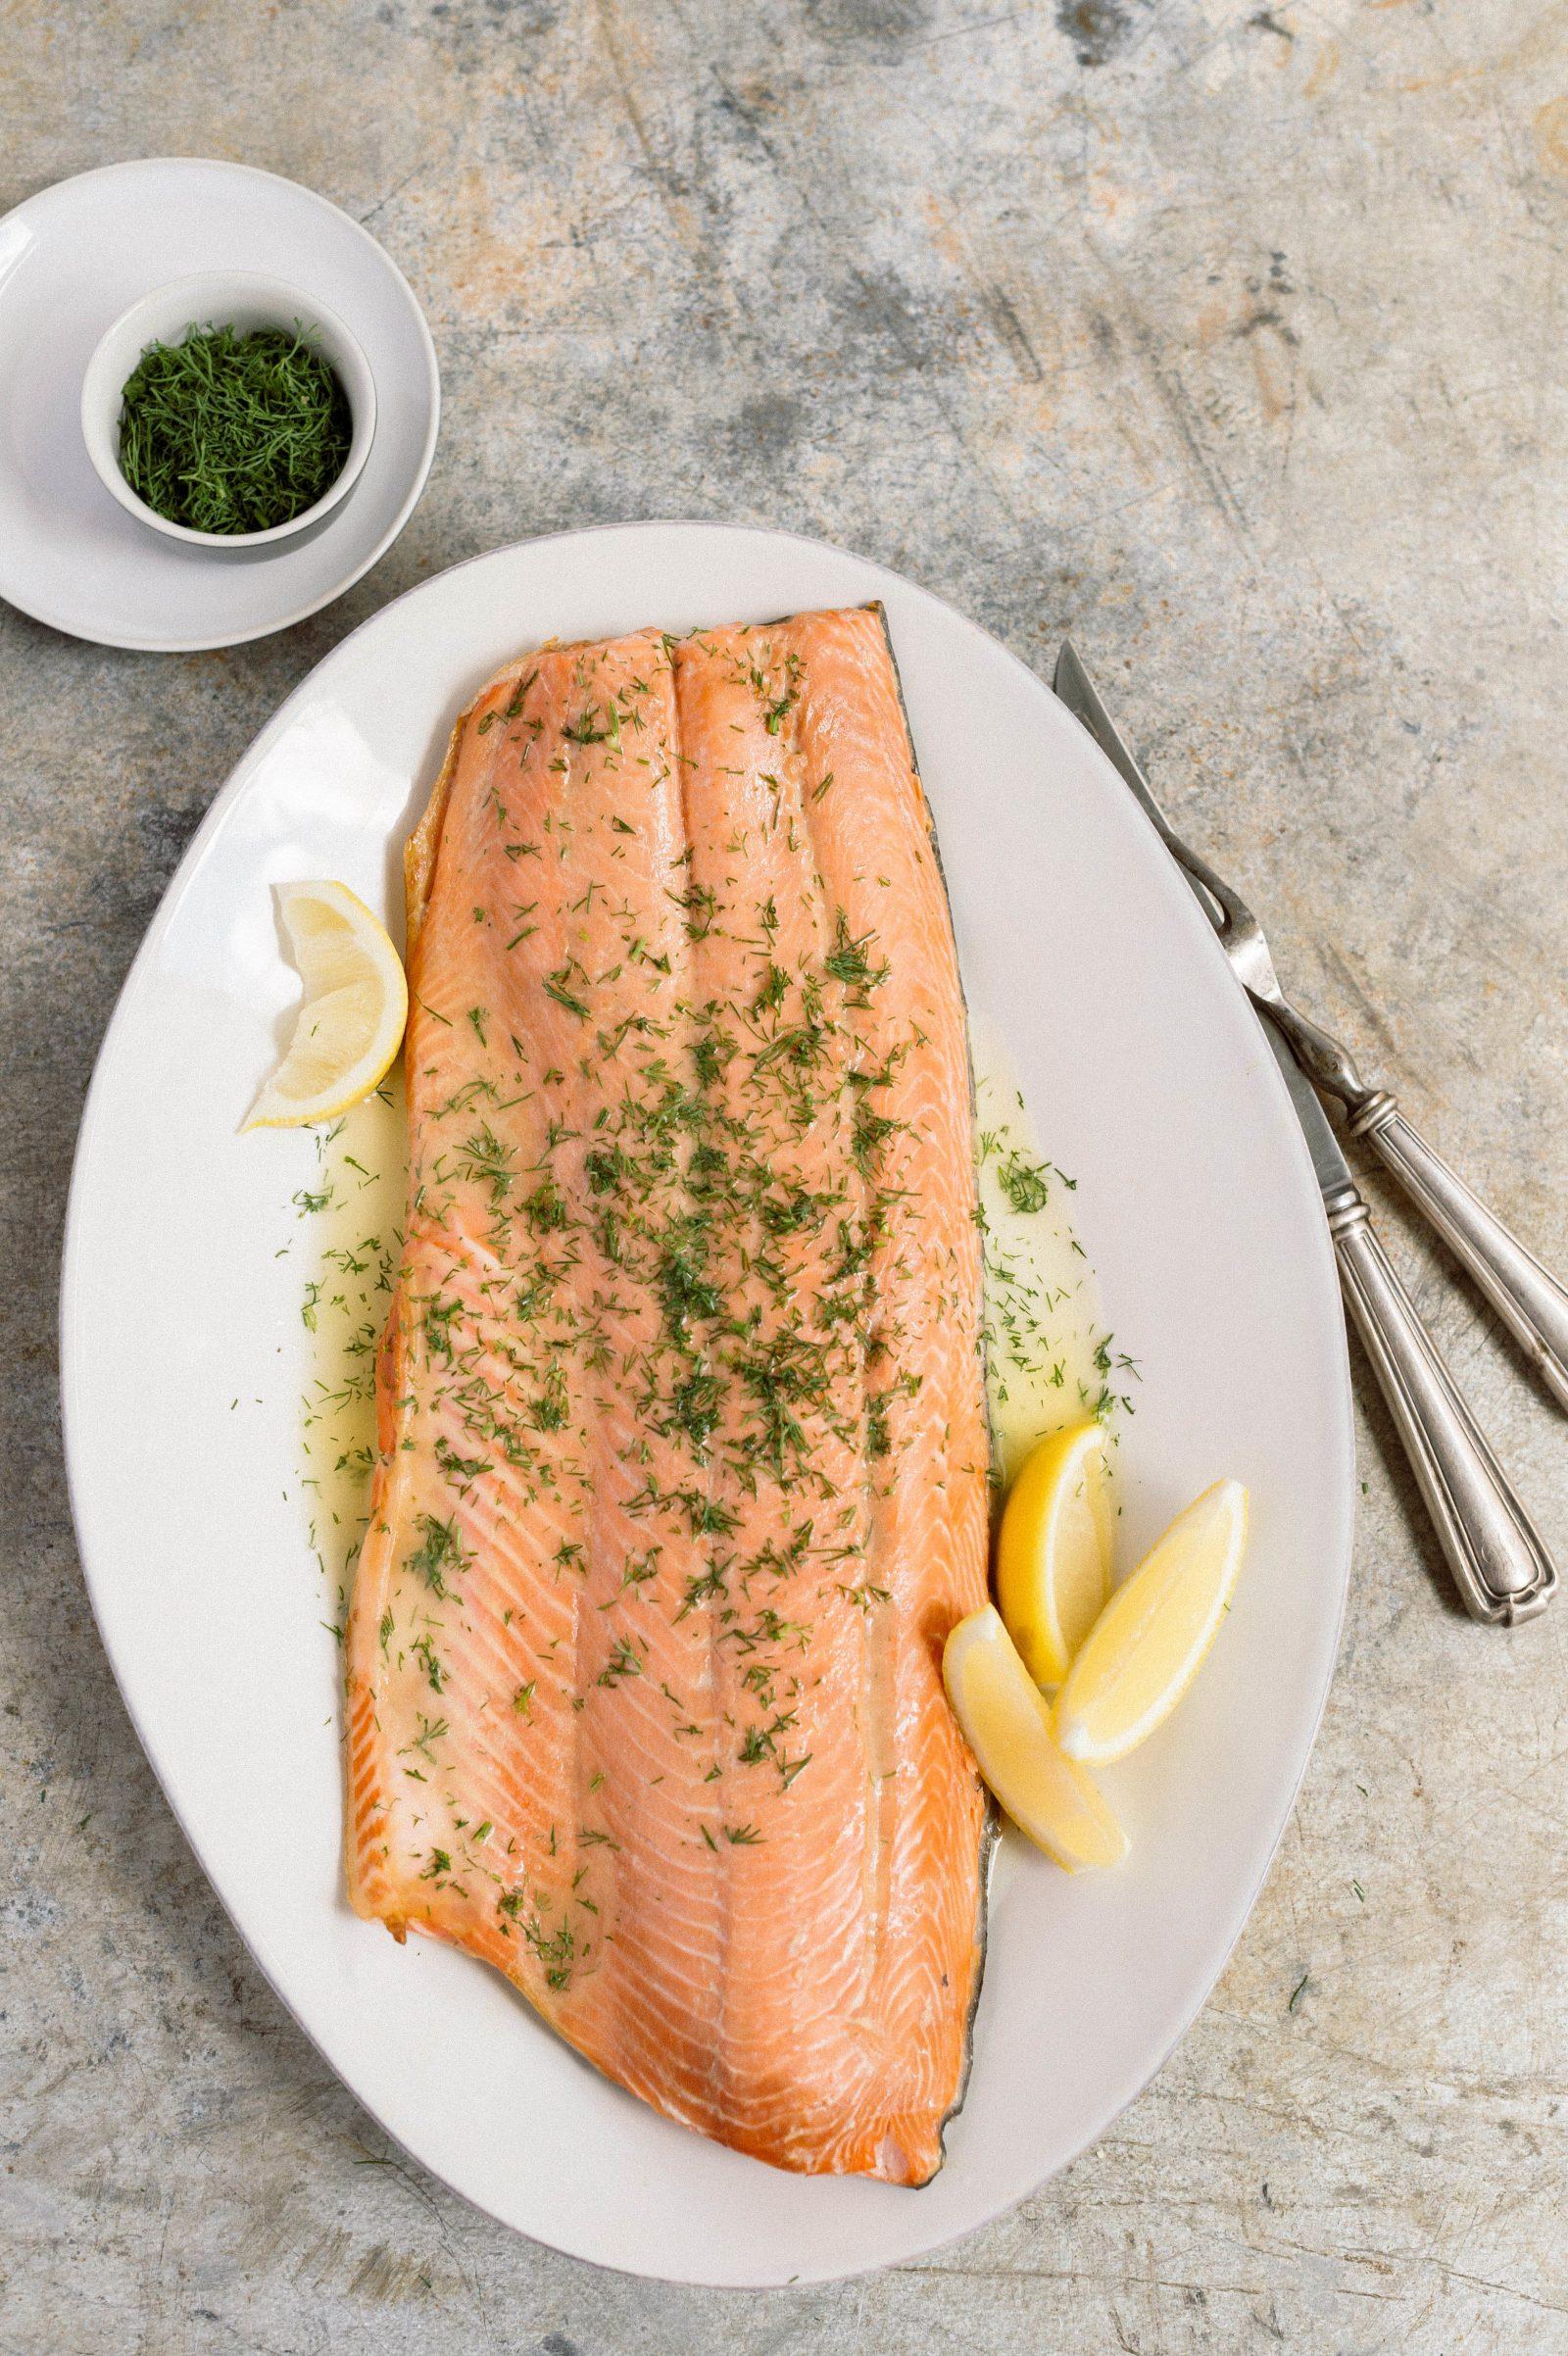 Forum on this topic: Poached Salmon PLUS, poached-salmon-plus/